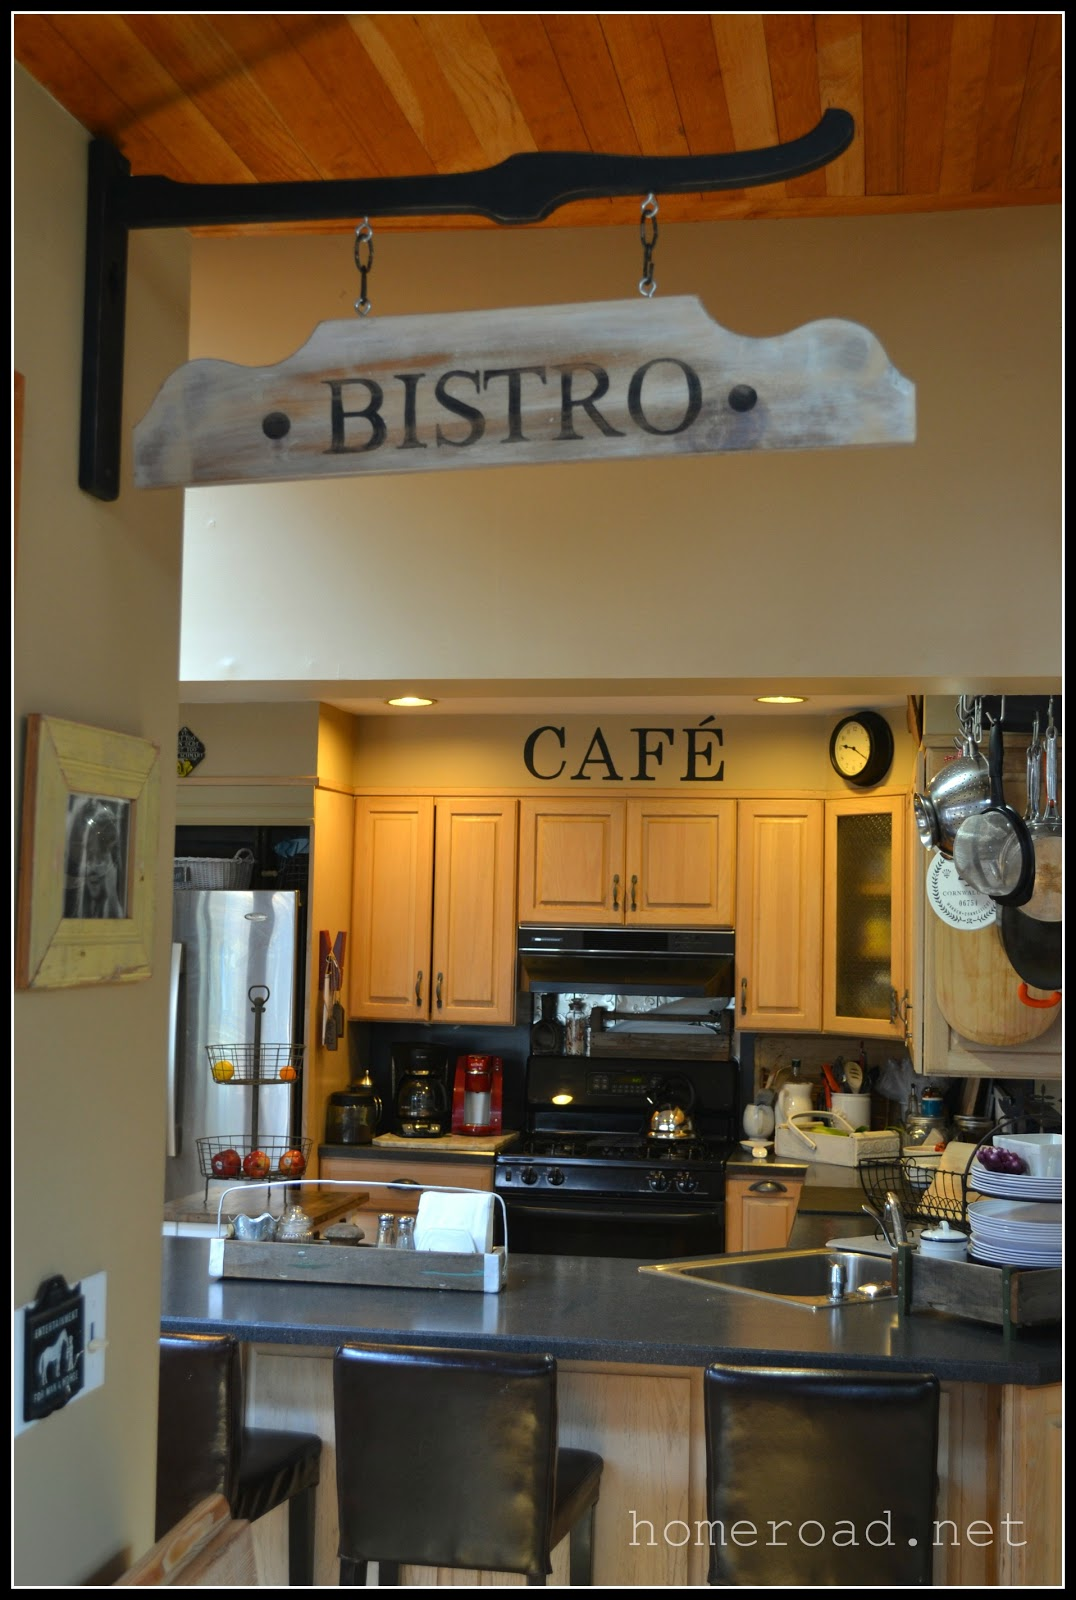 Hanging Bistro Sign Www Homeroad Net